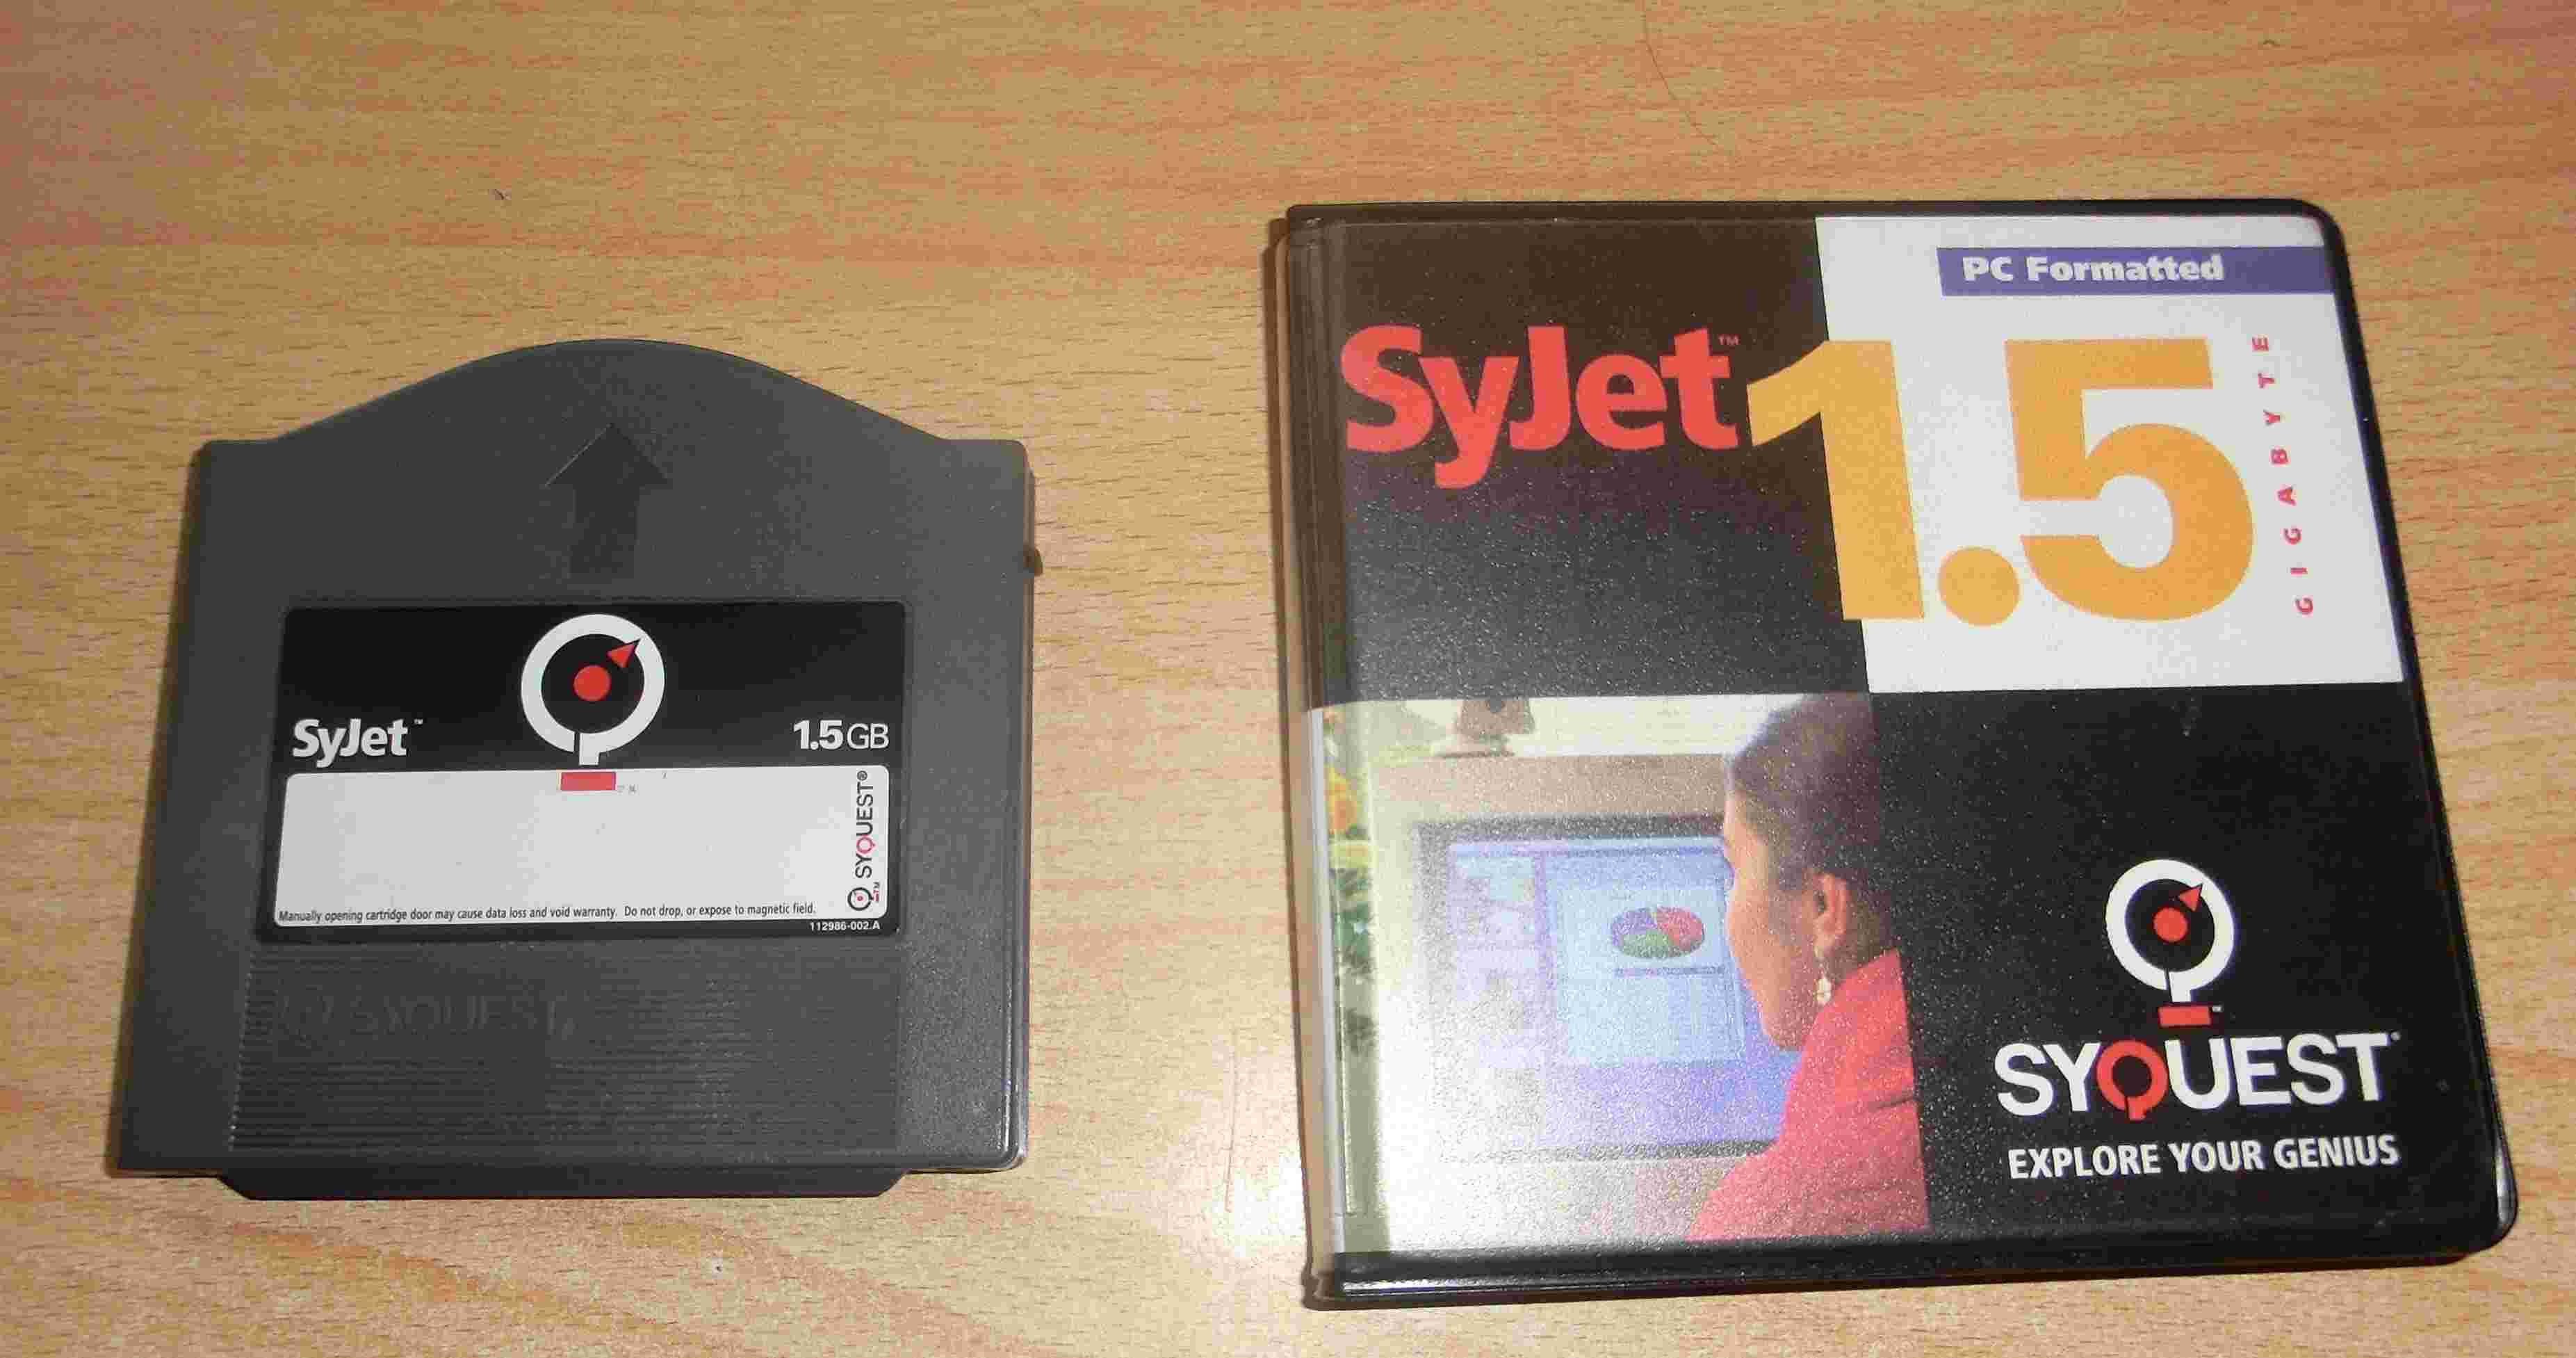 Klicken Sie auf die Grafik für eine größere Ansicht  Name:SyQuest 1.5GB.jpg Hits:93 Größe:189,2 KB ID:596542